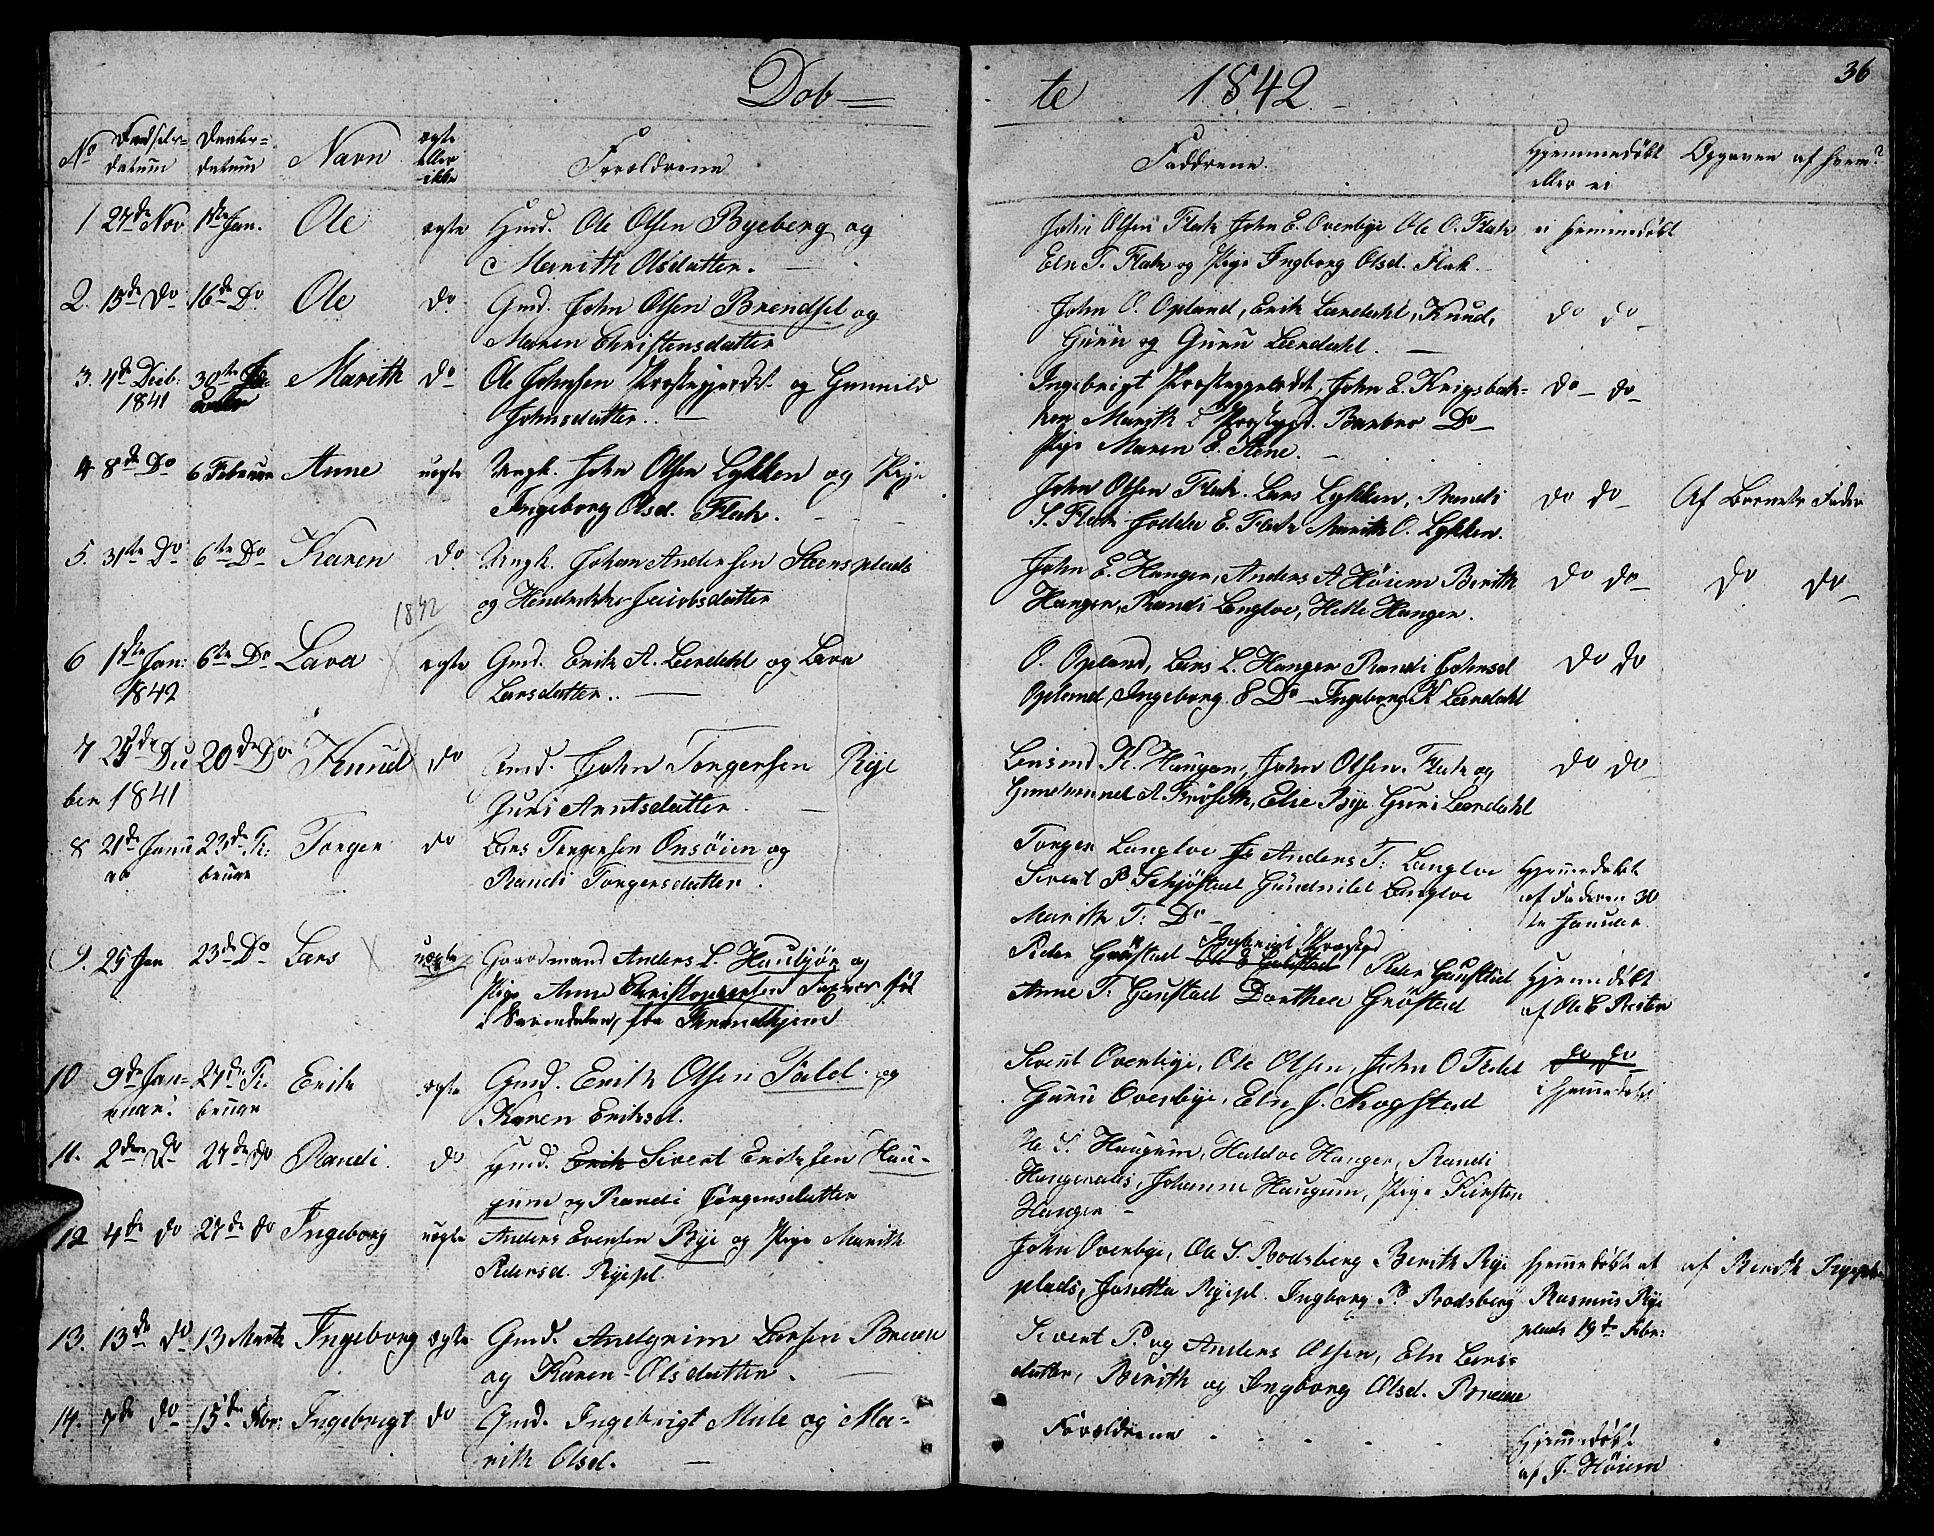 SAT, Ministerialprotokoller, klokkerbøker og fødselsregistre - Sør-Trøndelag, 612/L0386: Klokkerbok nr. 612C02, 1834-1845, s. 36